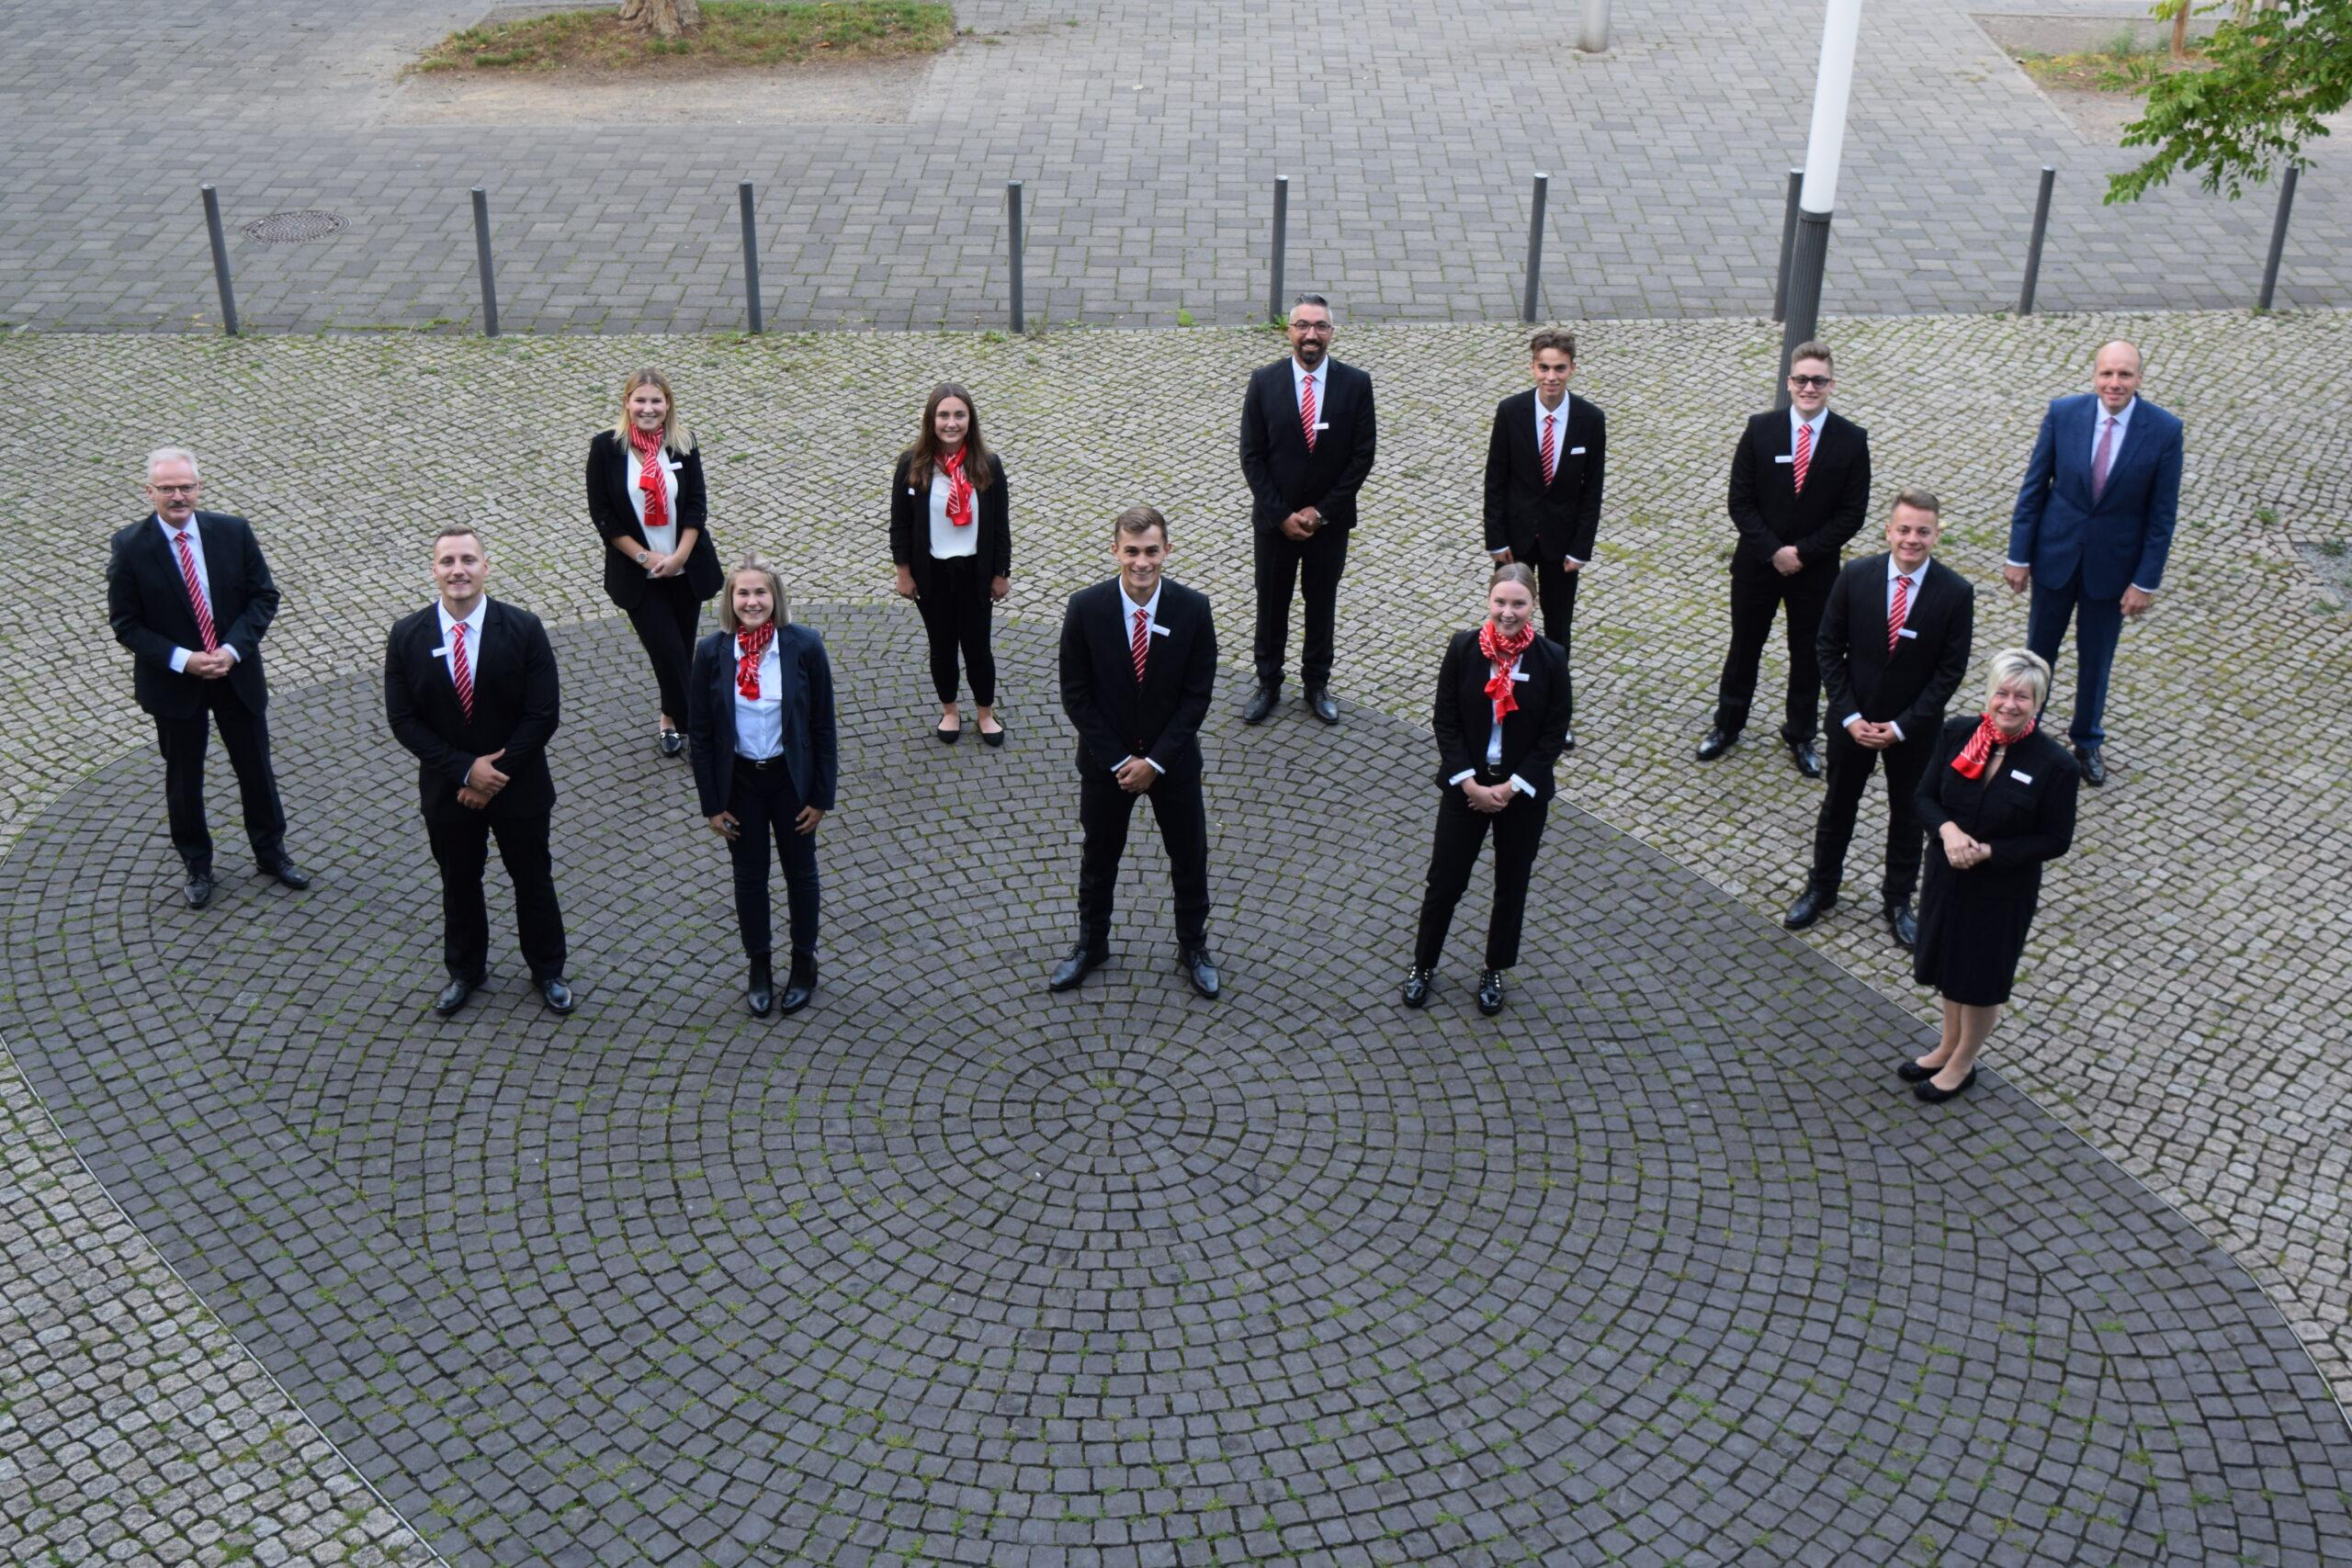 Stadtsparkasse Oberhausen begrüßt neue Auszubildende